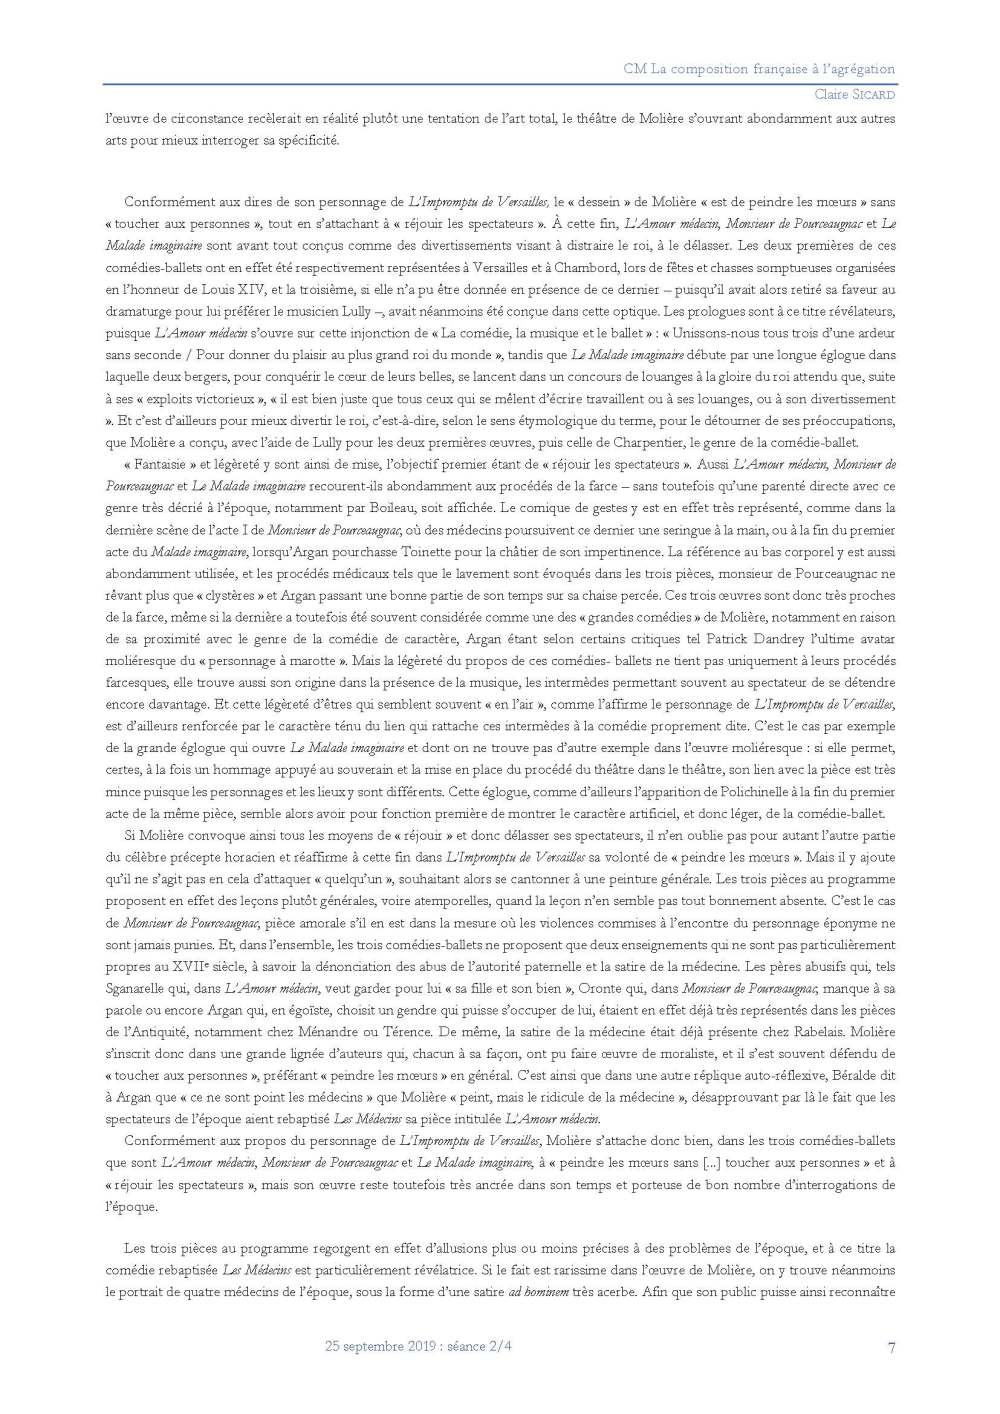 Exemplier_Methodo-dissert_250919_Page_7